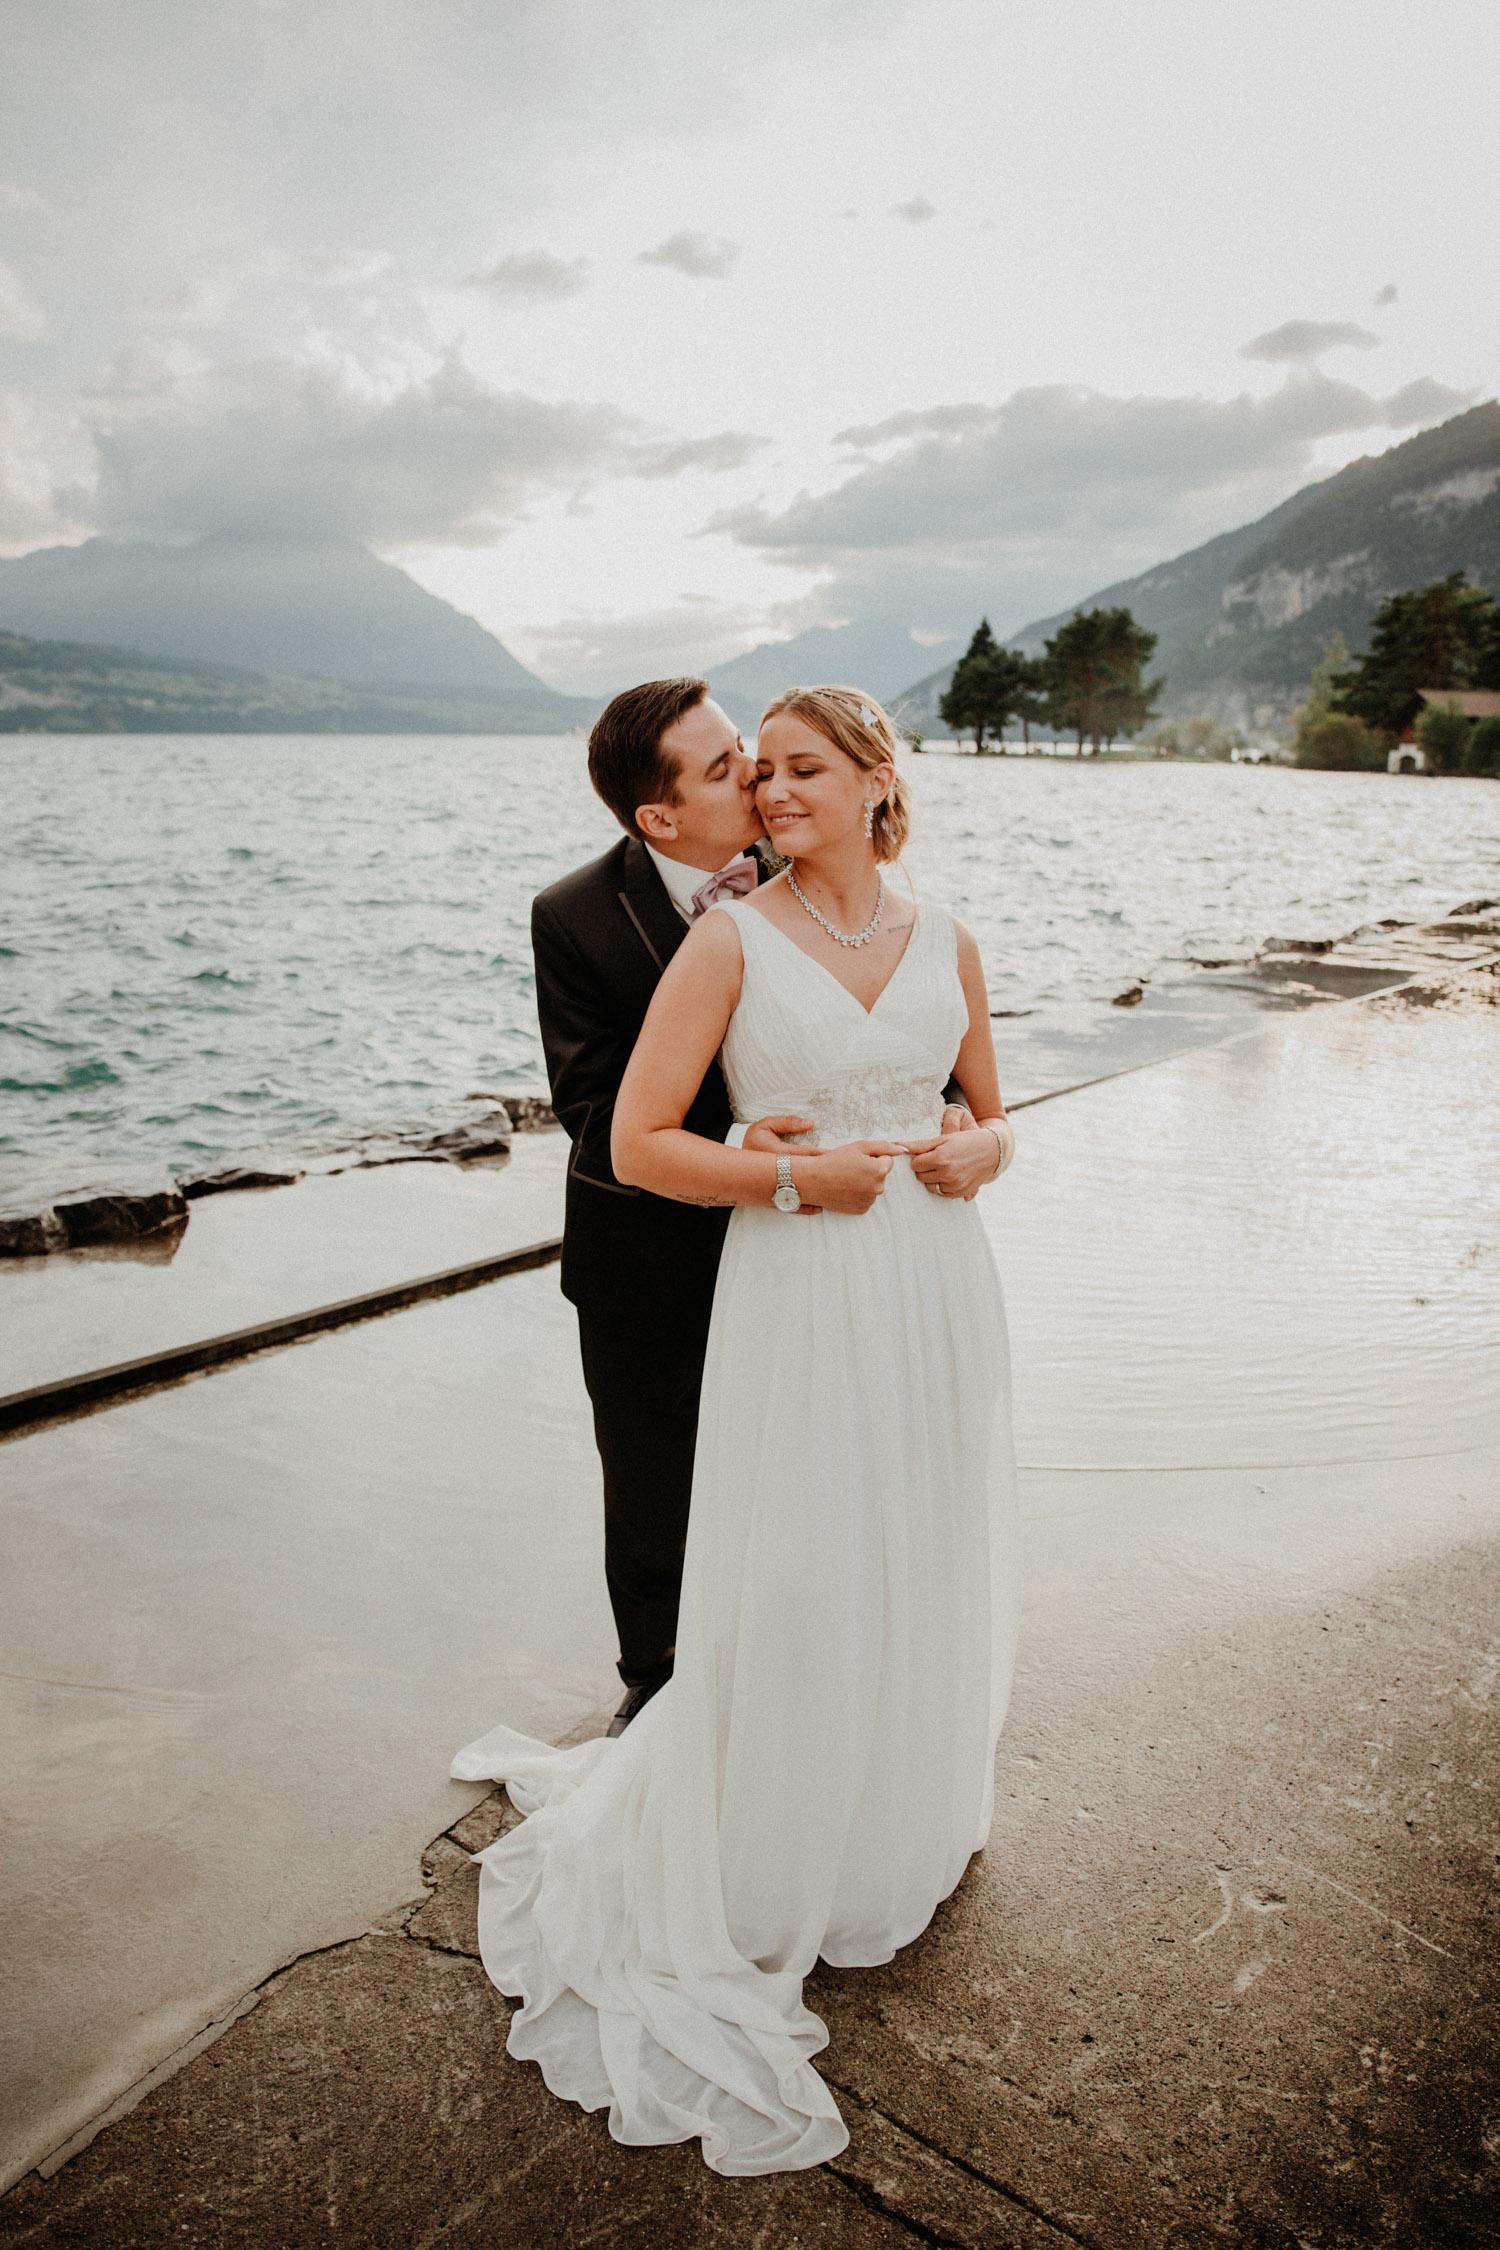 Hochzeitsfotografin Bern Schweiz Interlaken Brautpaarshooting natürliche Hochzeitsfotos Thunersee Hotel Neuhaus Unterseen